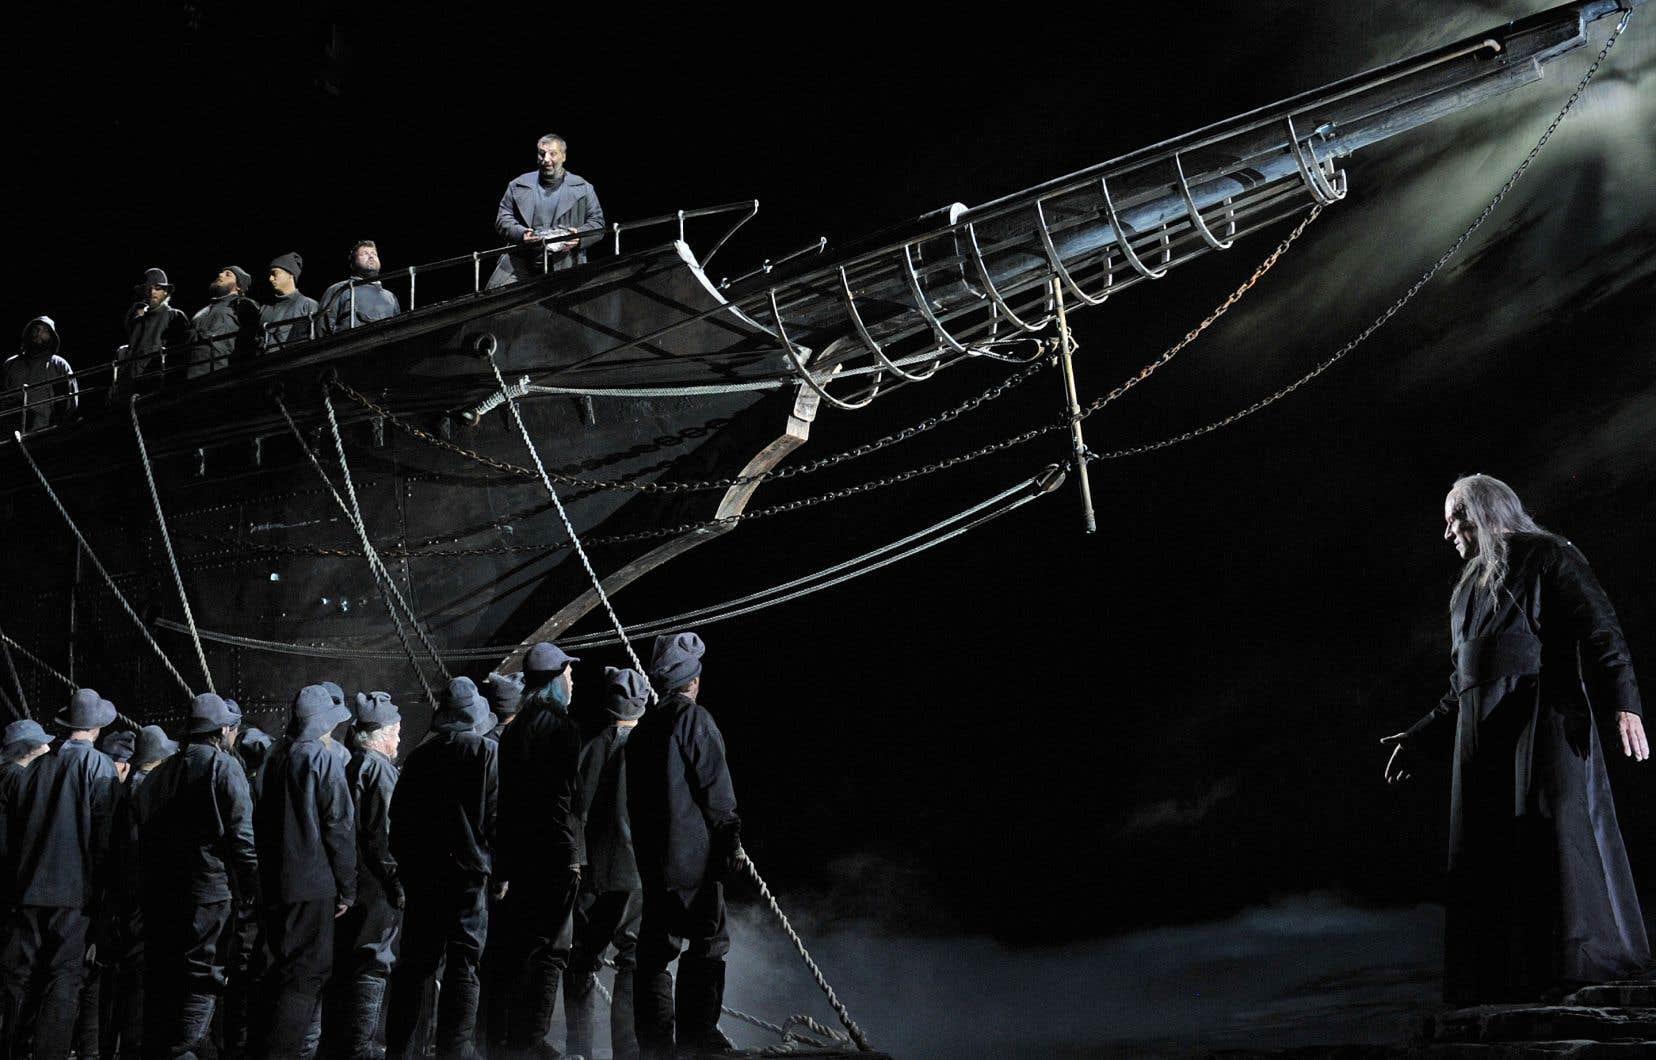 À Québec, c'est sans surprise le «Vaisseau fantôme» de François Girard au Festival d'opéra qui a été honoré. Il prendra l'affiche à New York en mars.